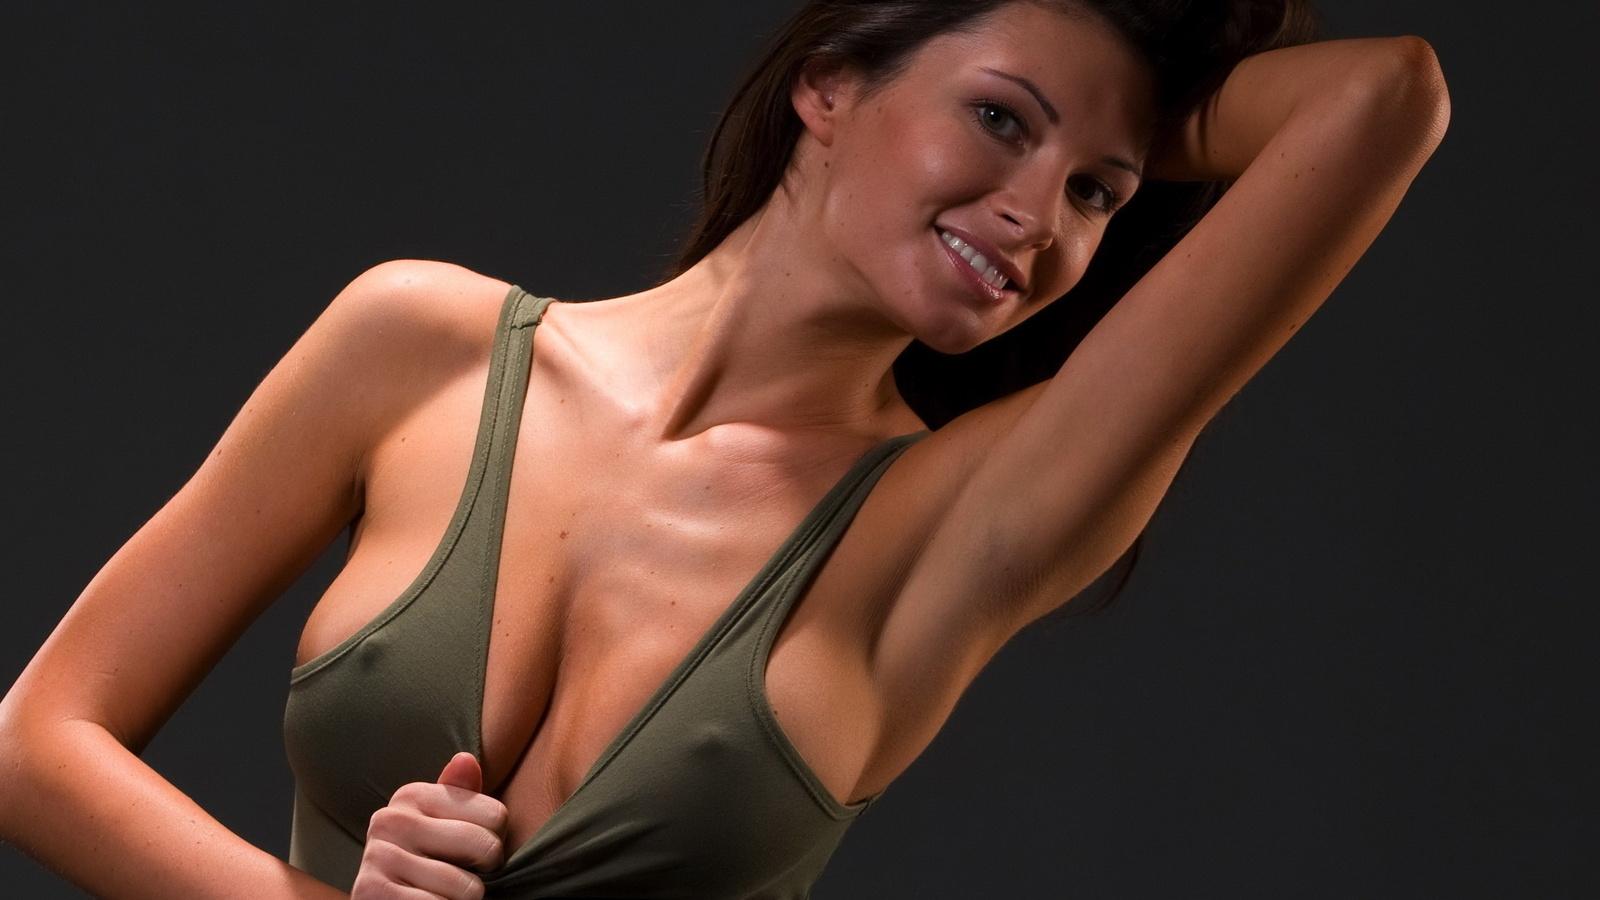 Фото женщин в одежде через которую видны соски 22 фотография